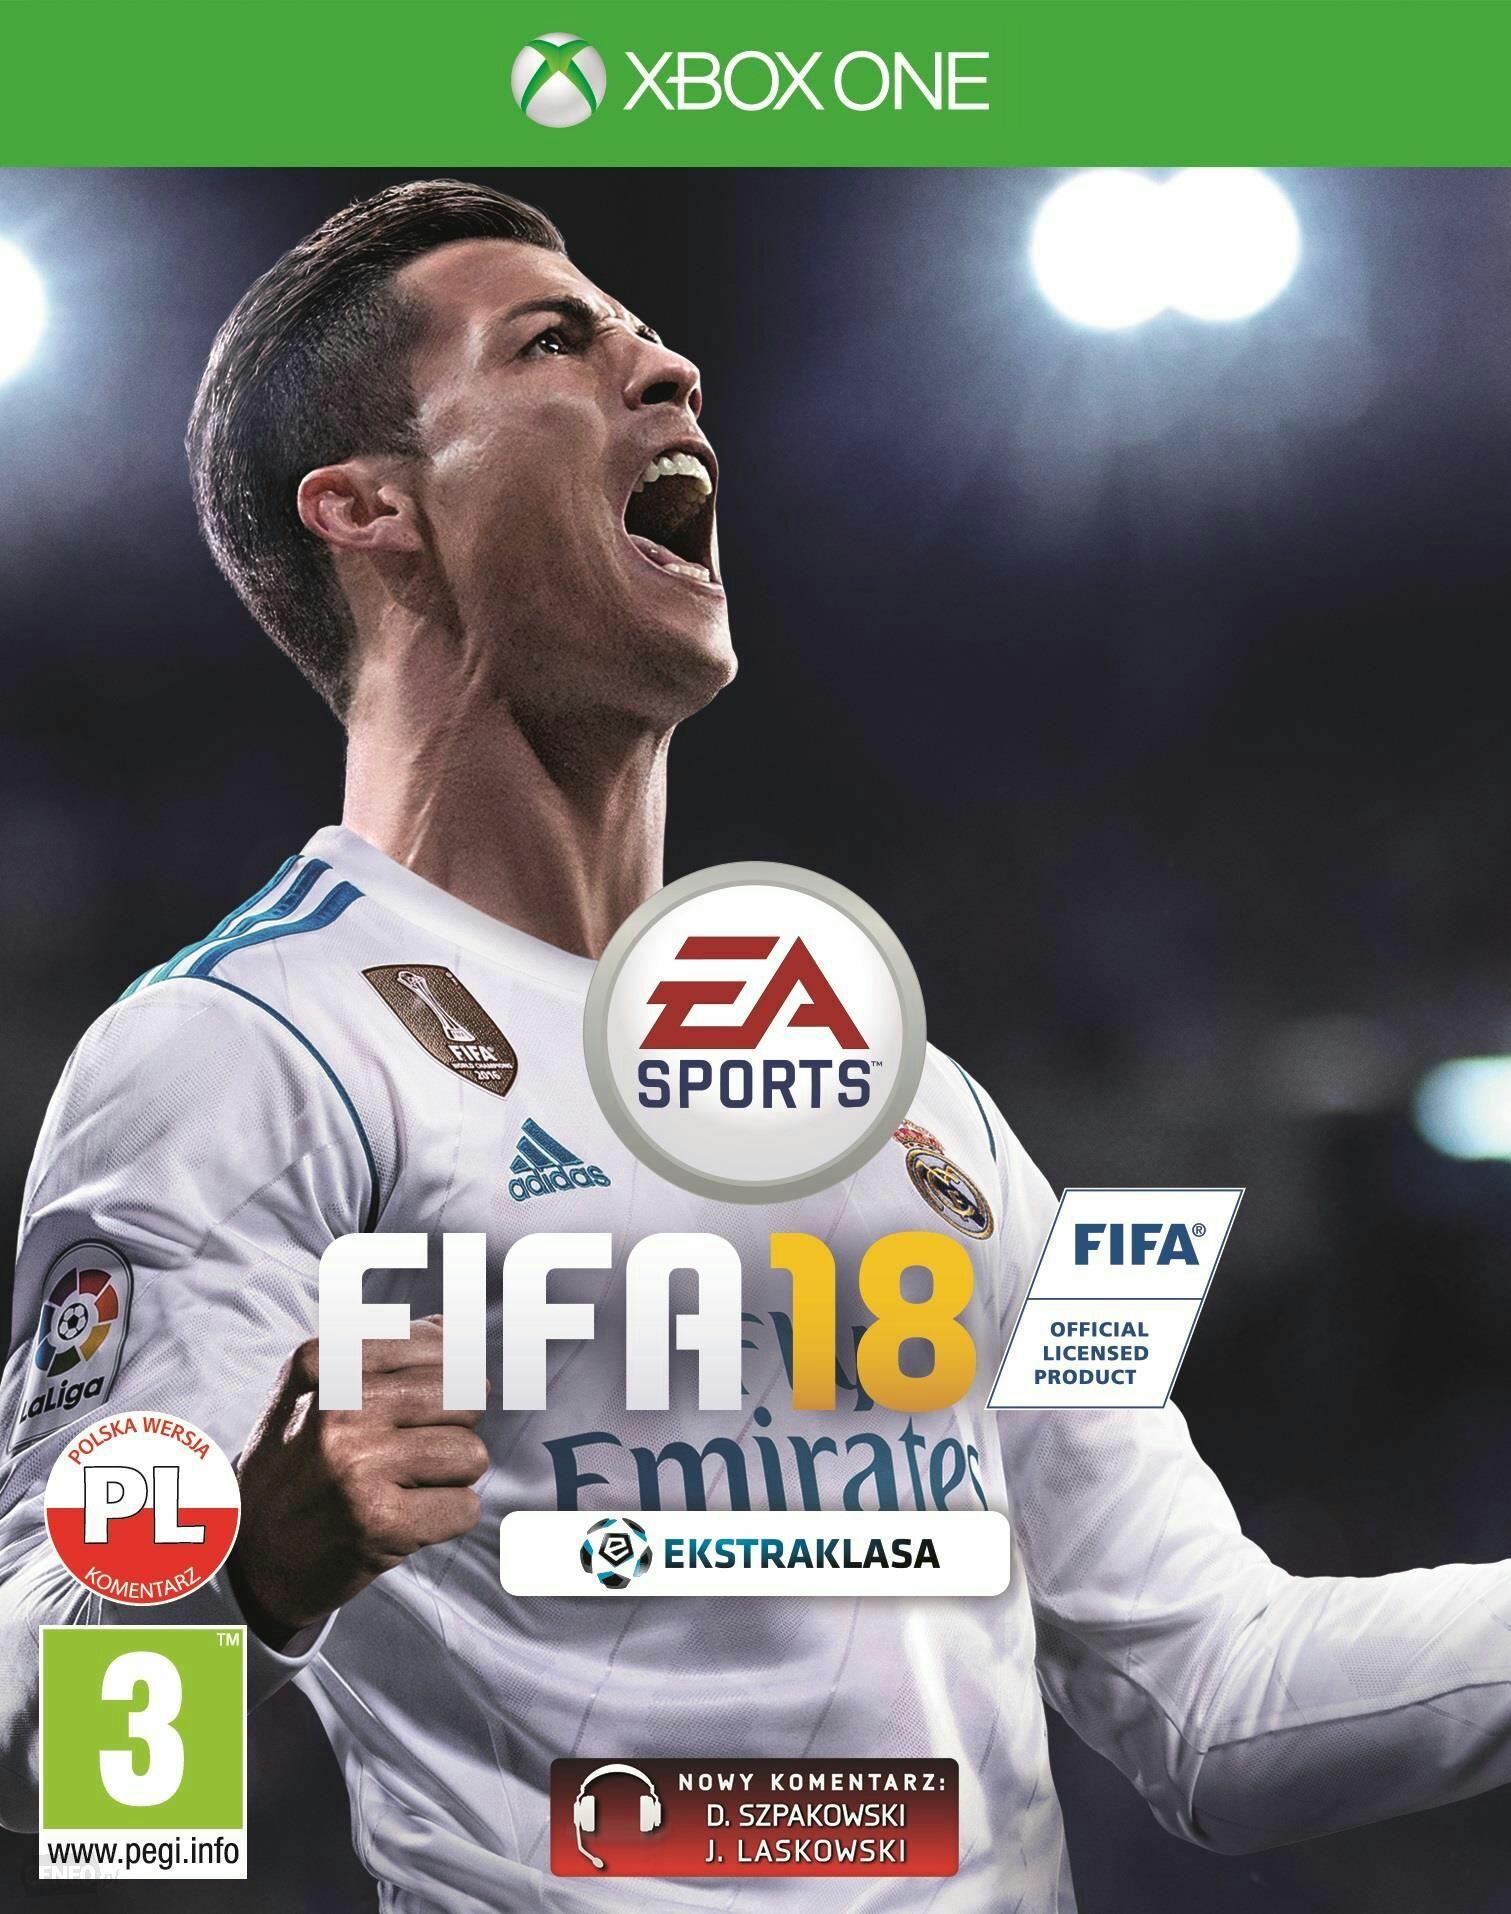 FIFA 18 z Goldem za 80 zł na Xbox One